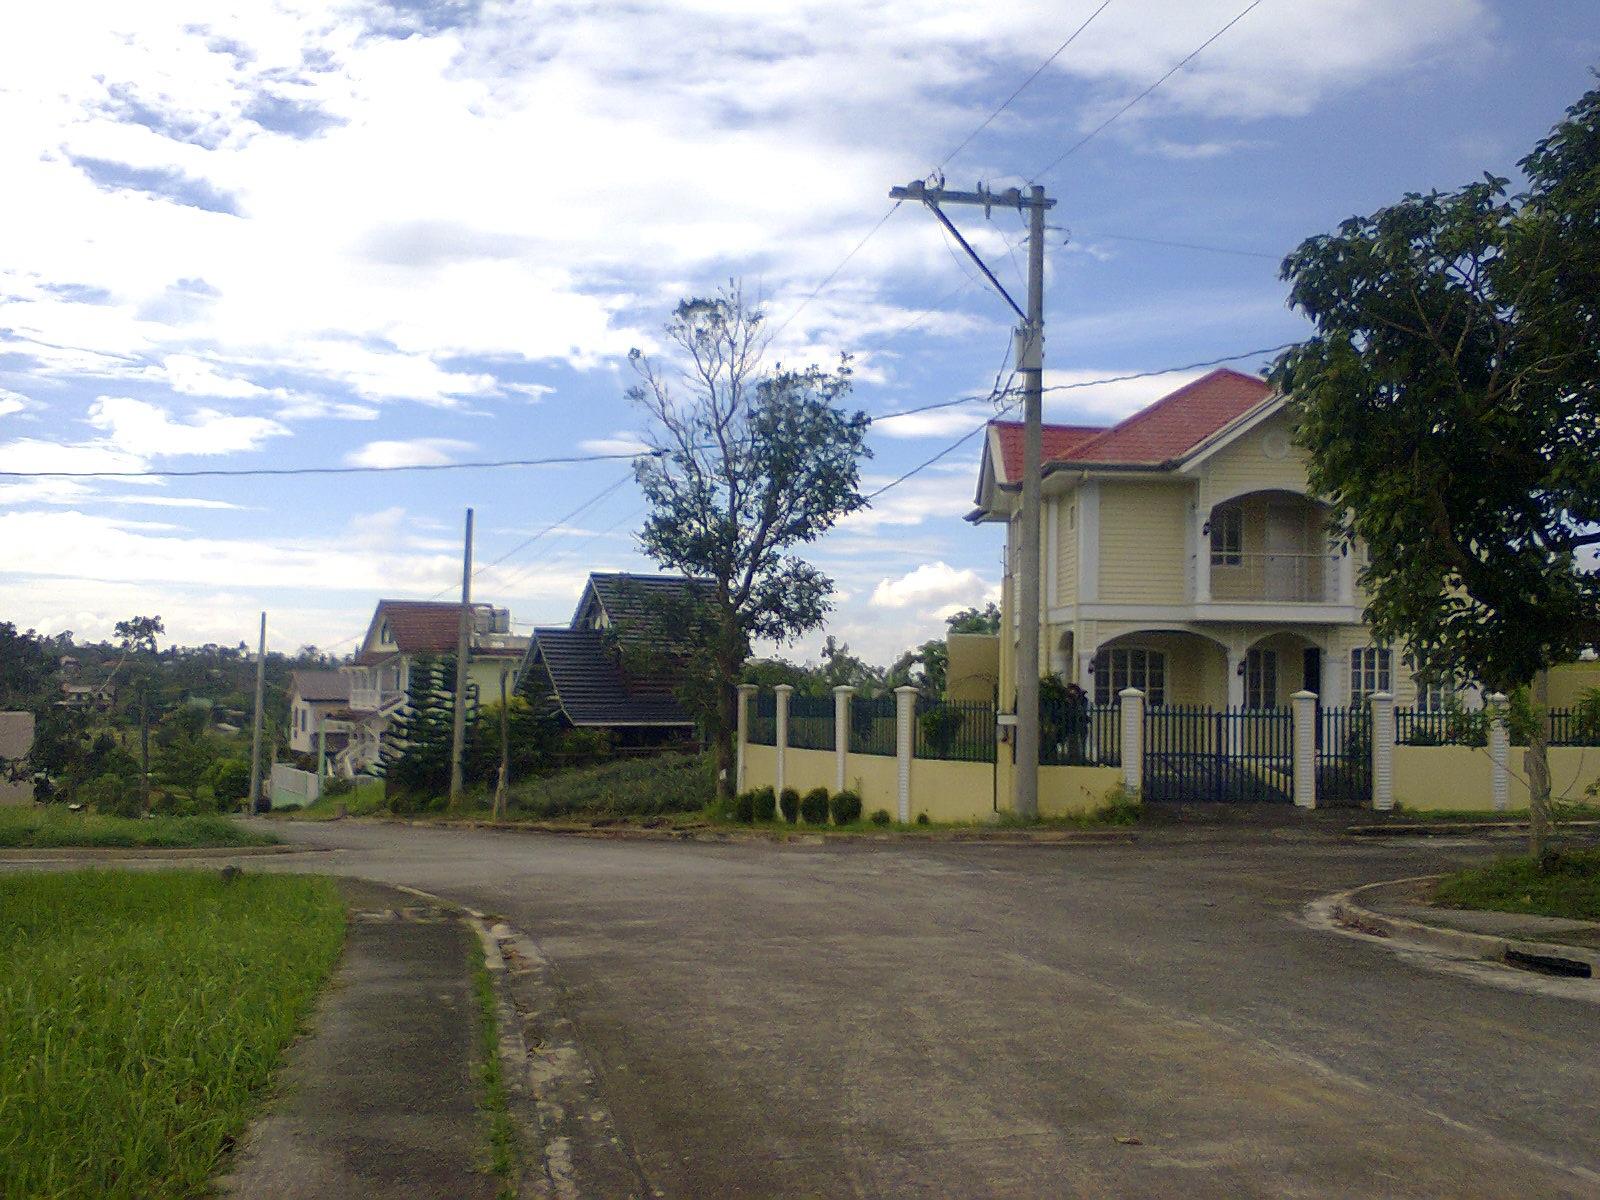 ph2 houses